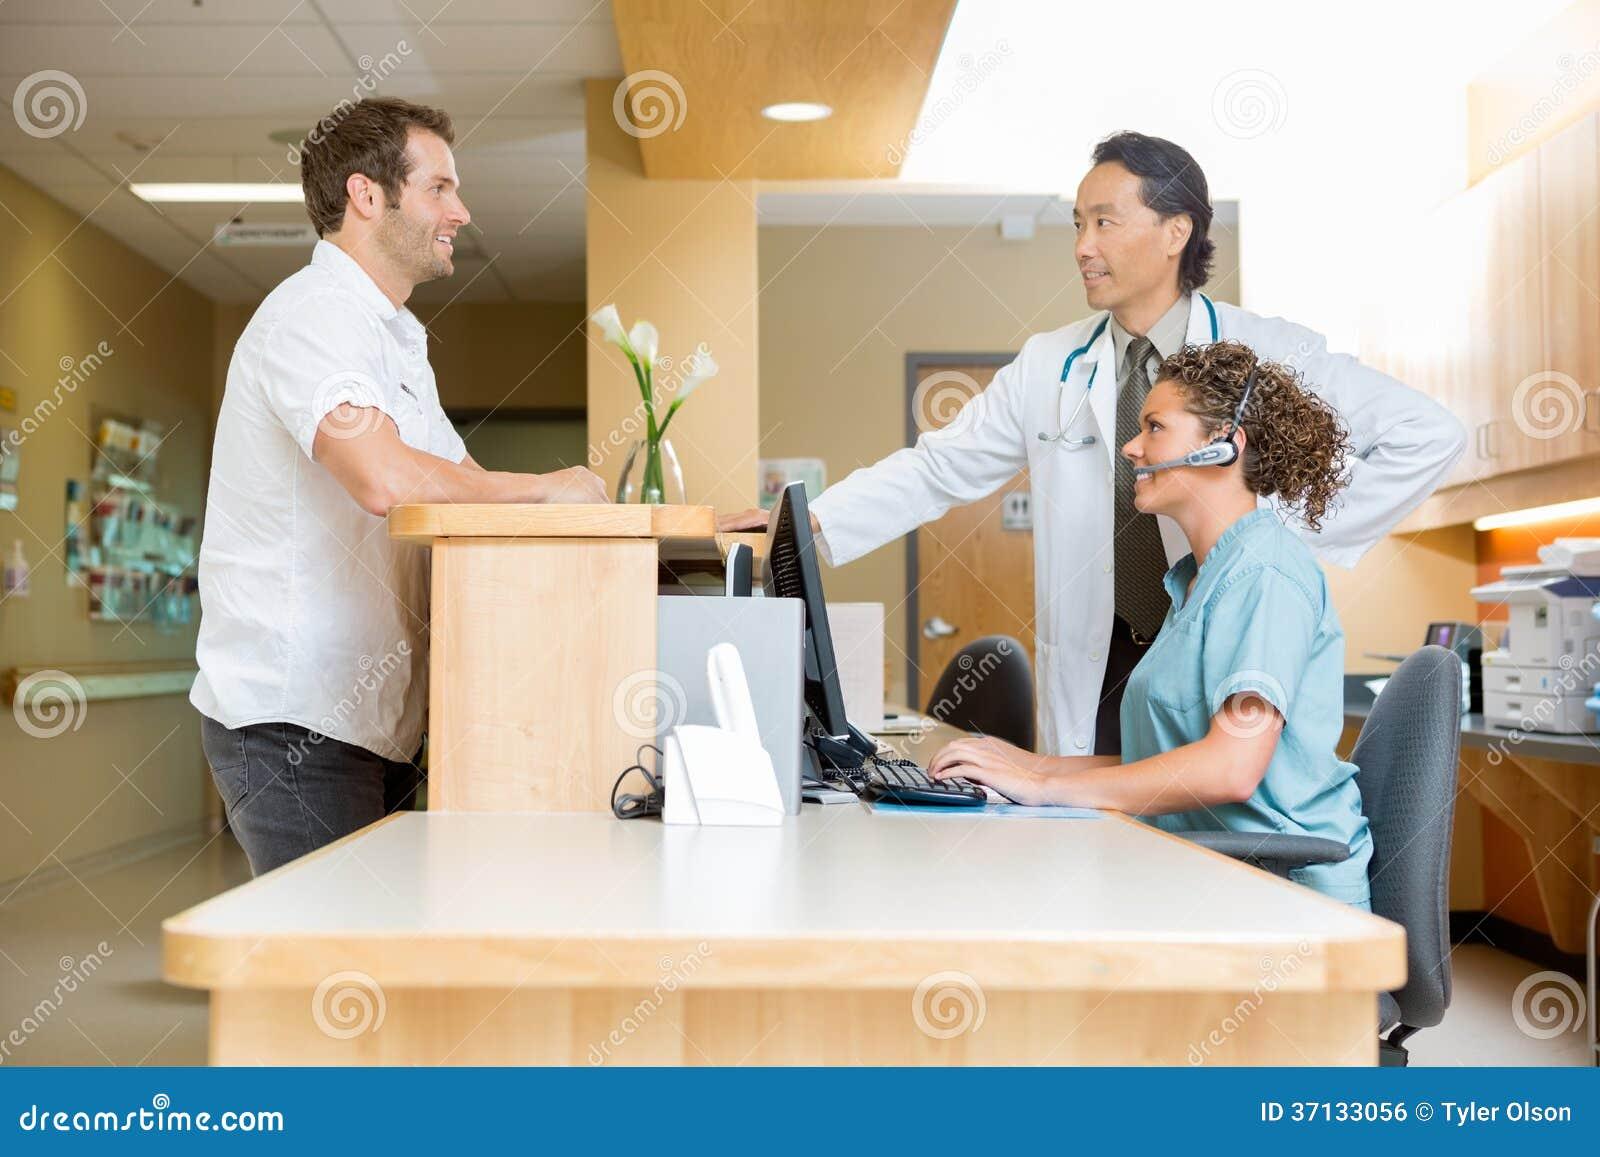 пацыэнт и медсистричка в пиемной в фото